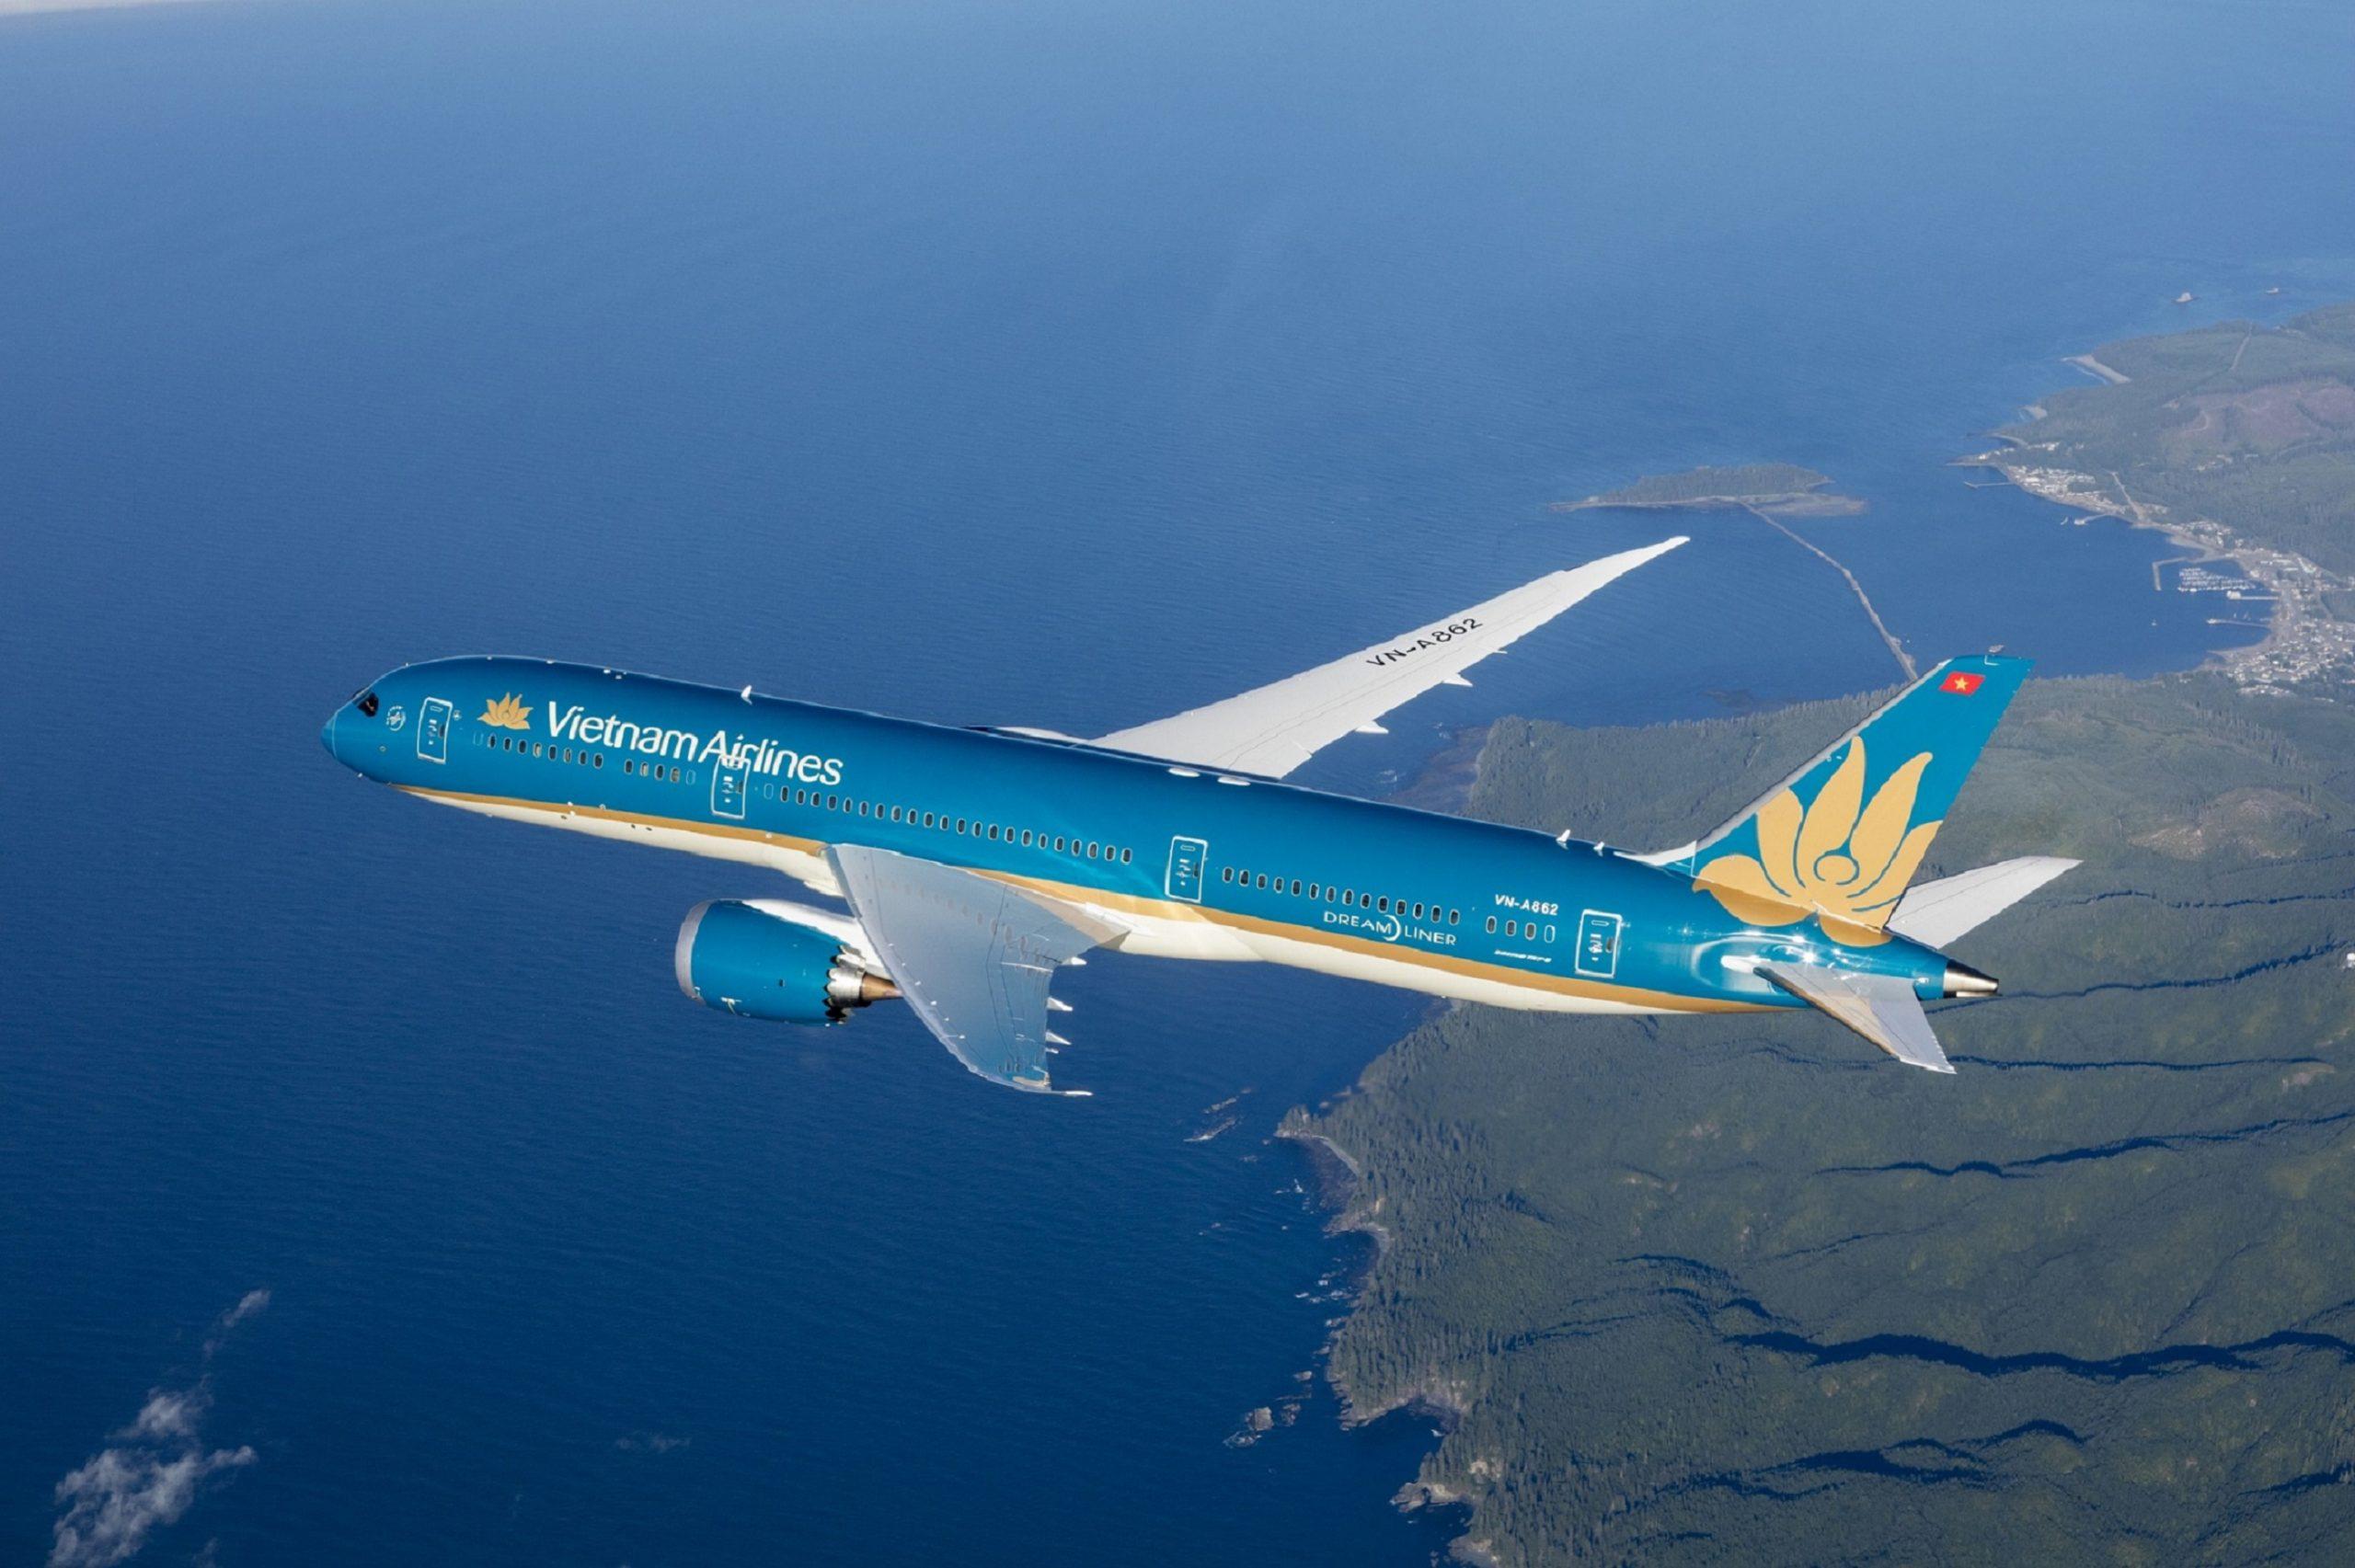 9 tháng đầu năm 2020: Vietnam Airlines nỗ lực vượt khó, từng bước phục hồi hoạt động